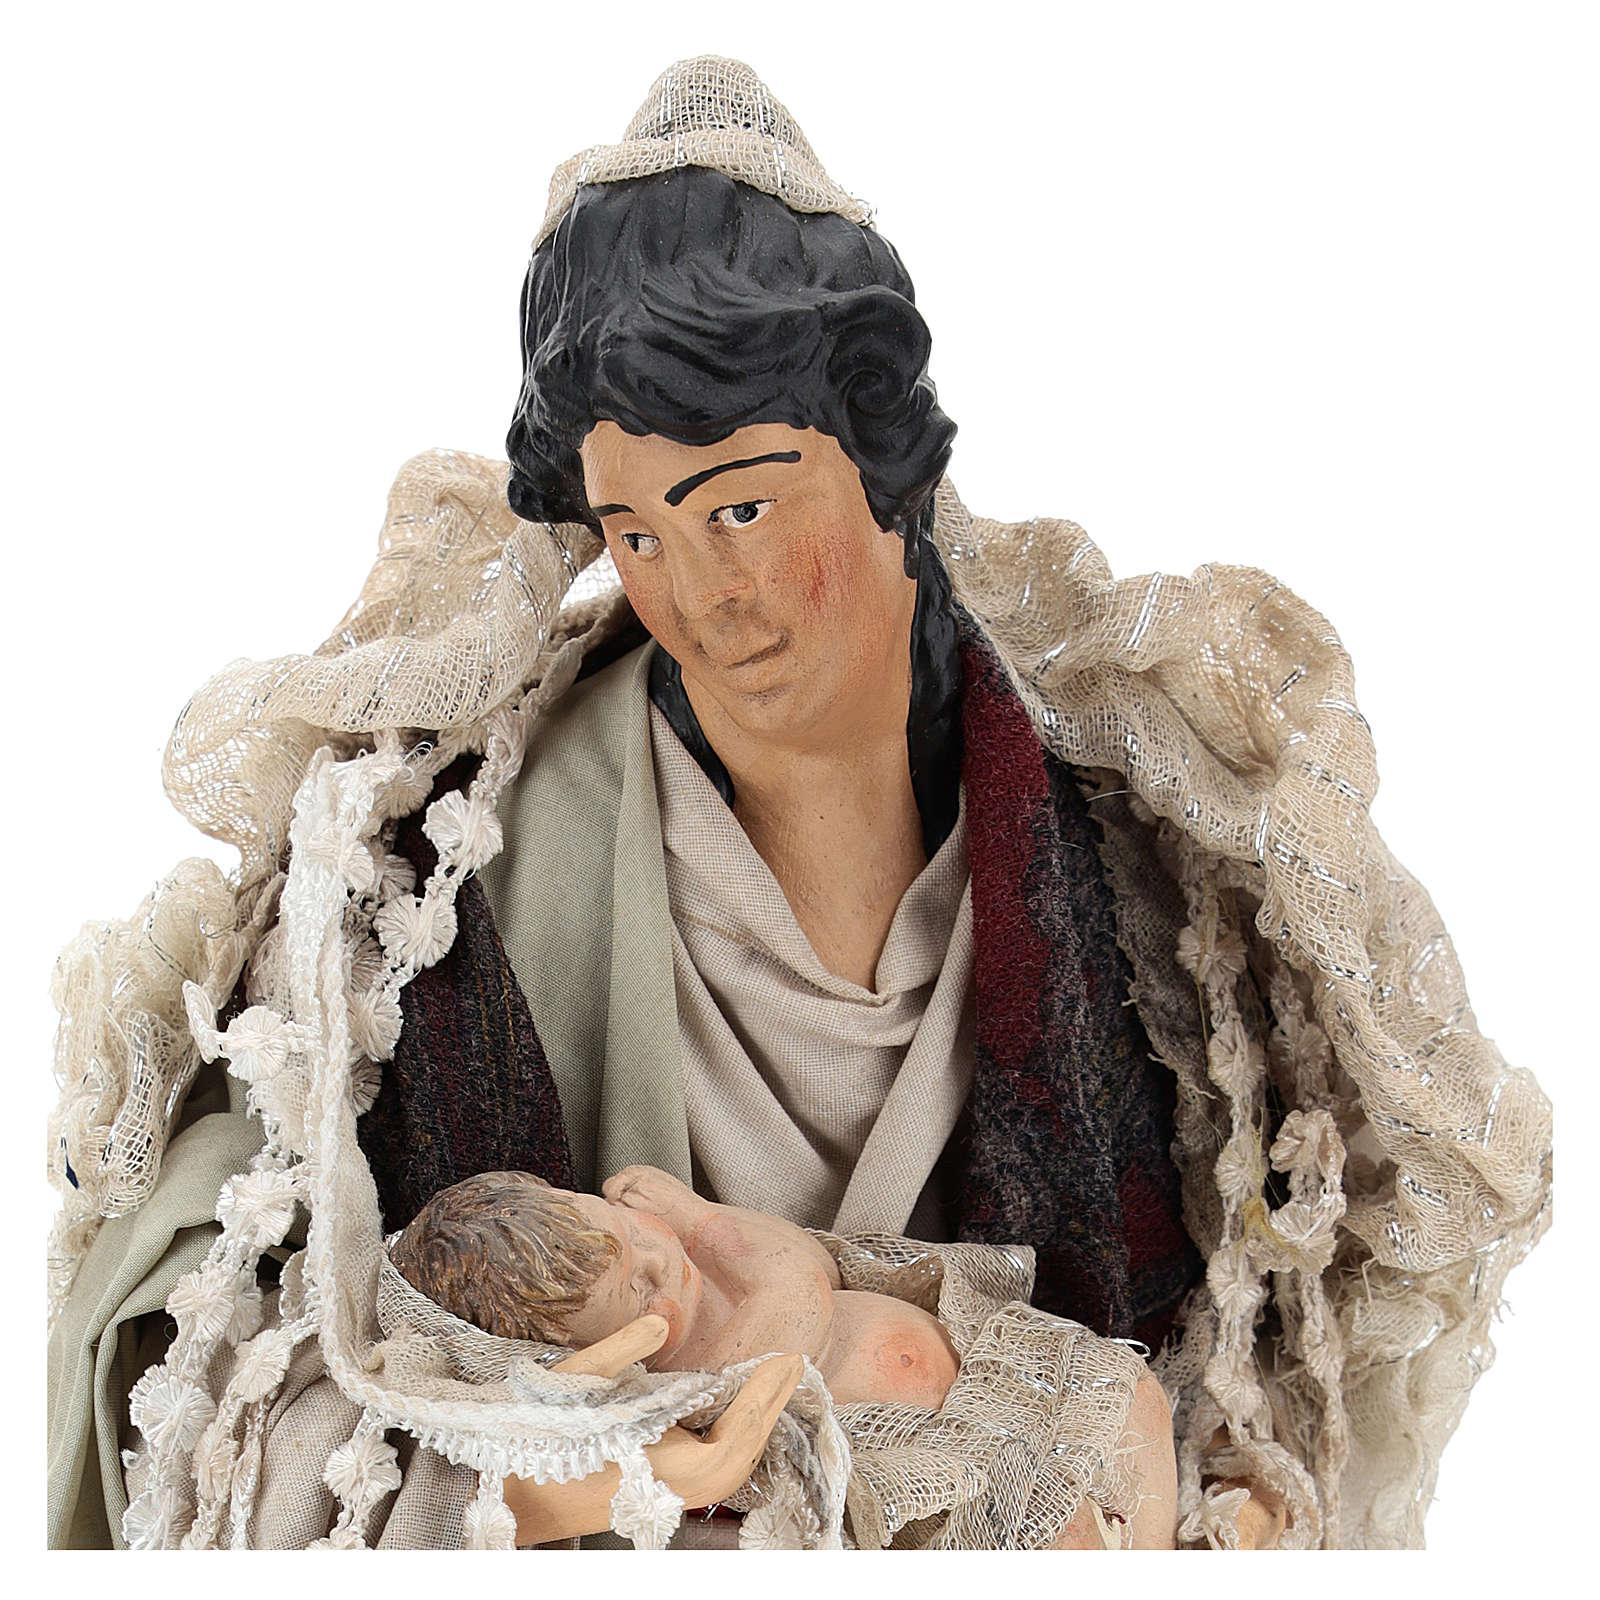 Mamma con bimbo in braccio per presepe Napoli stile 700 di 30 cm 4